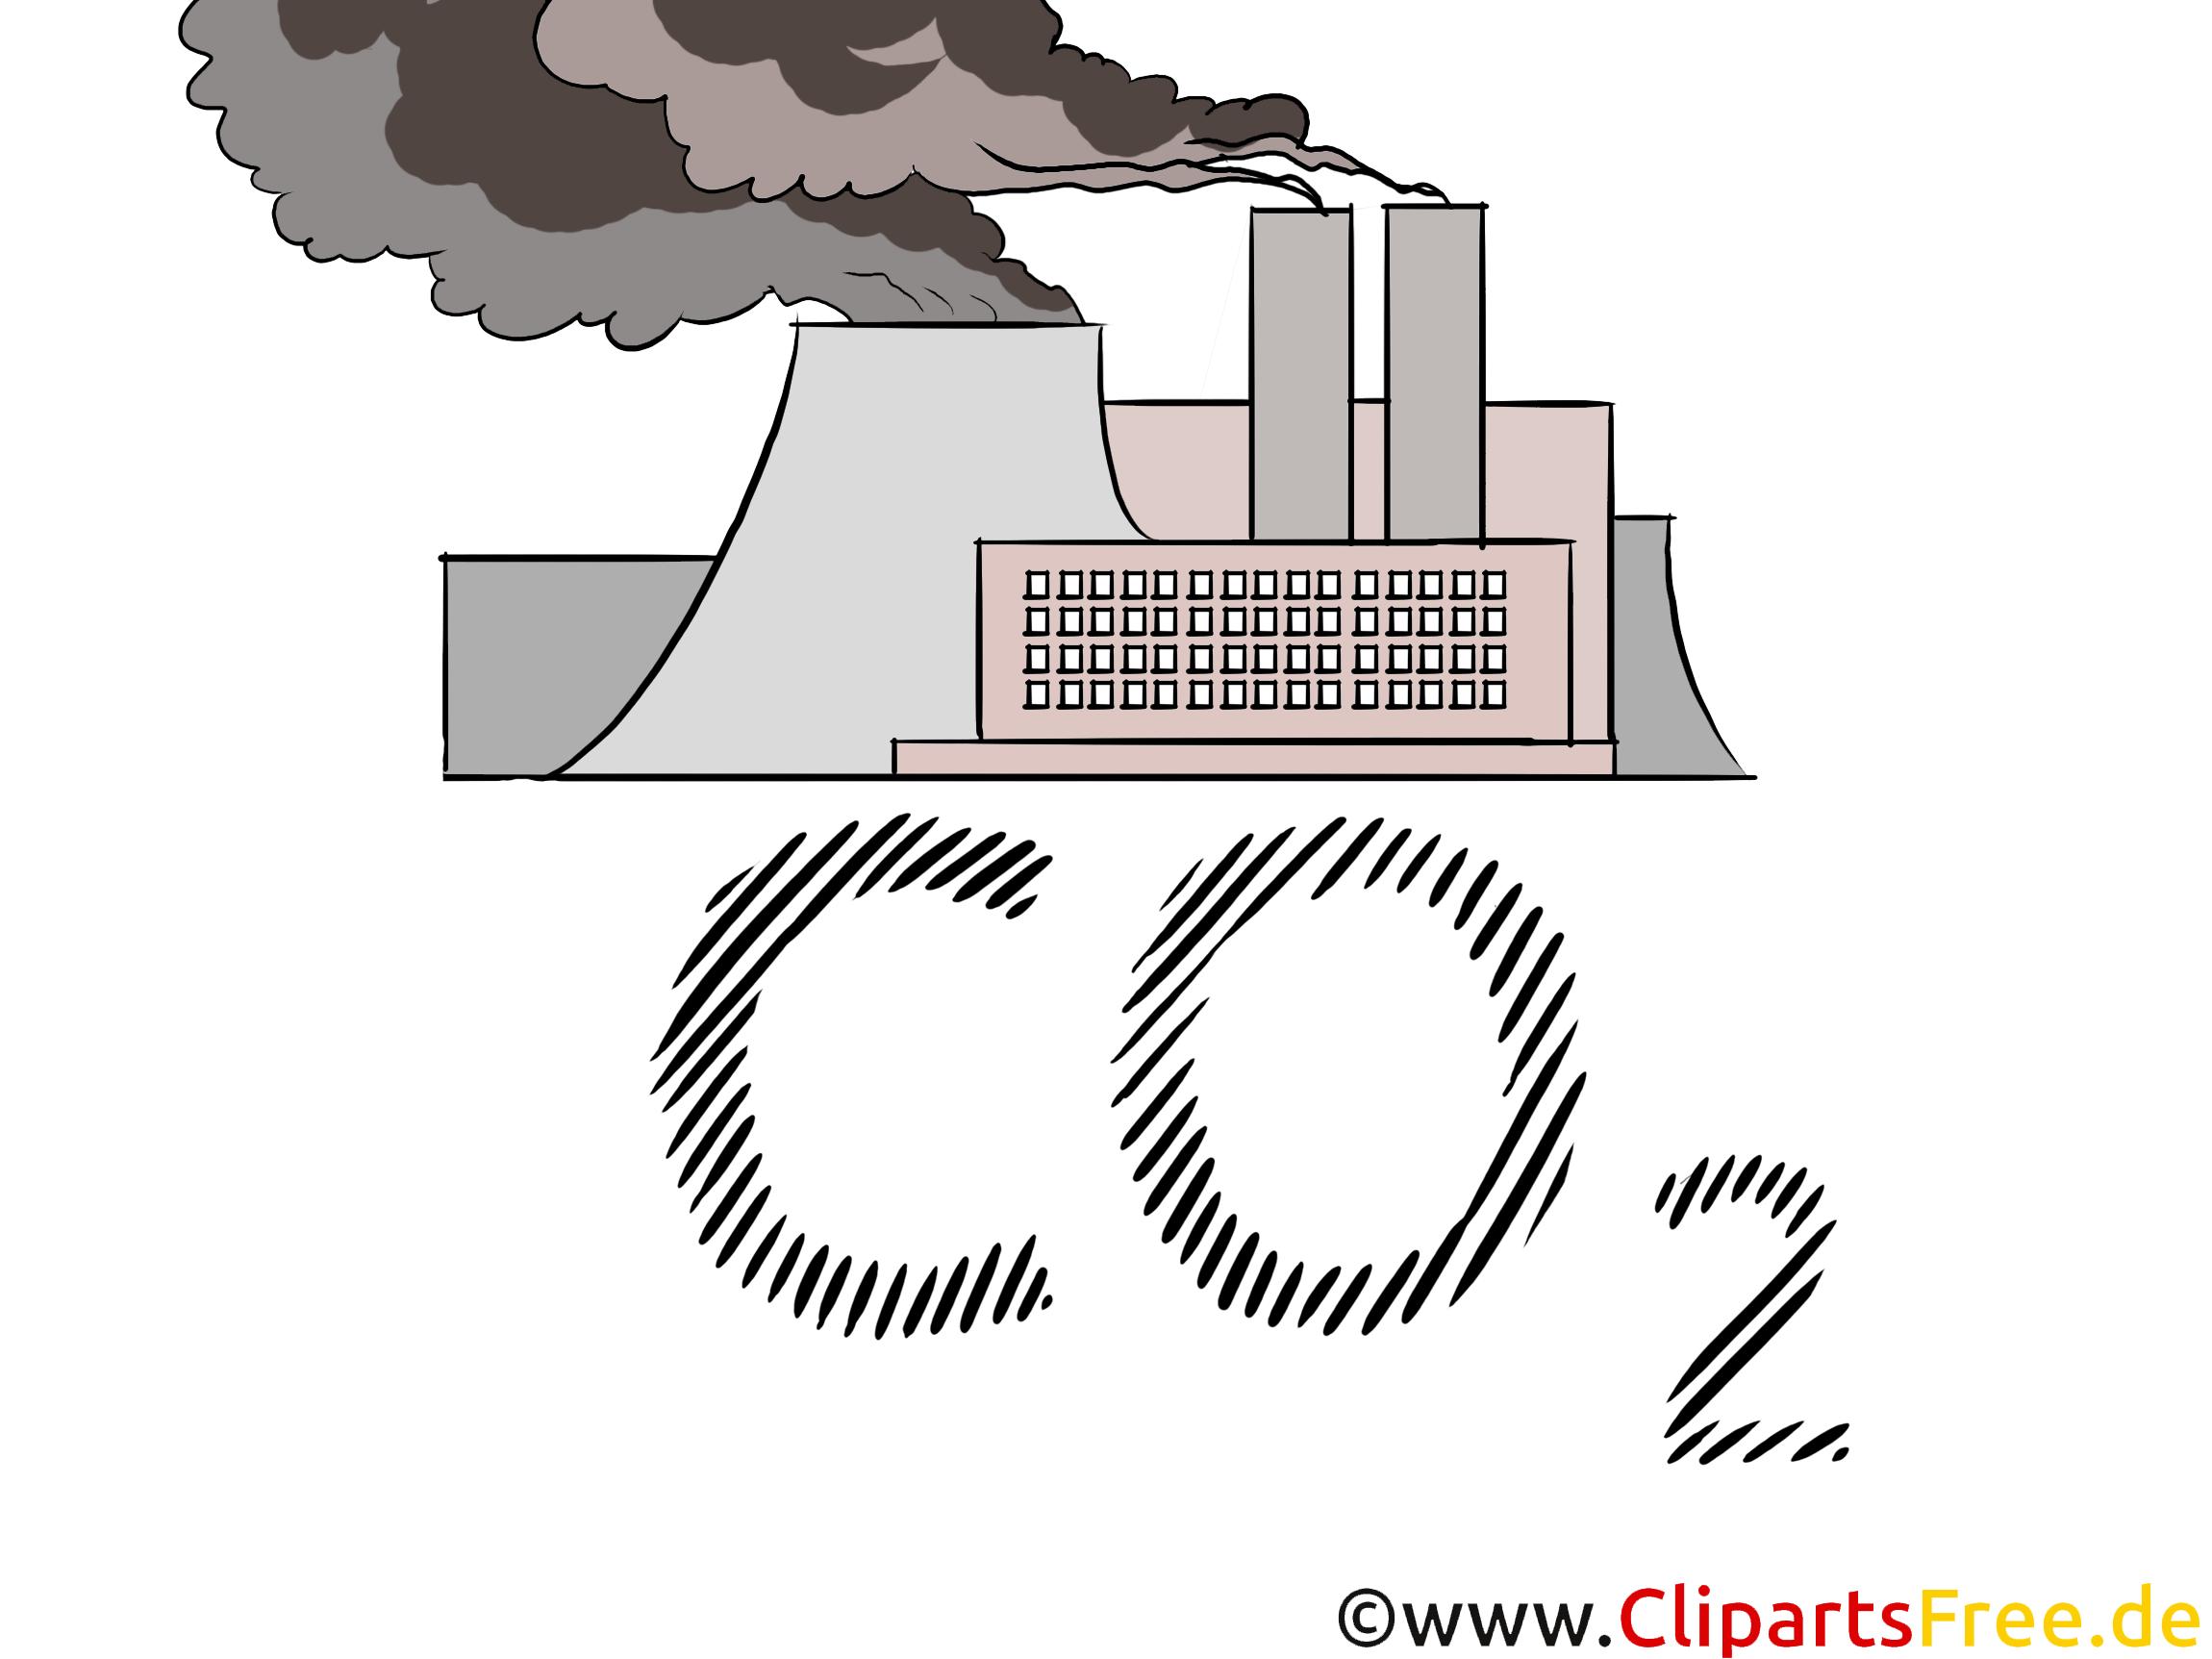 Luftverschmutzung durch Industrie Clipart, Stock Illustration, Grafik kostenlos